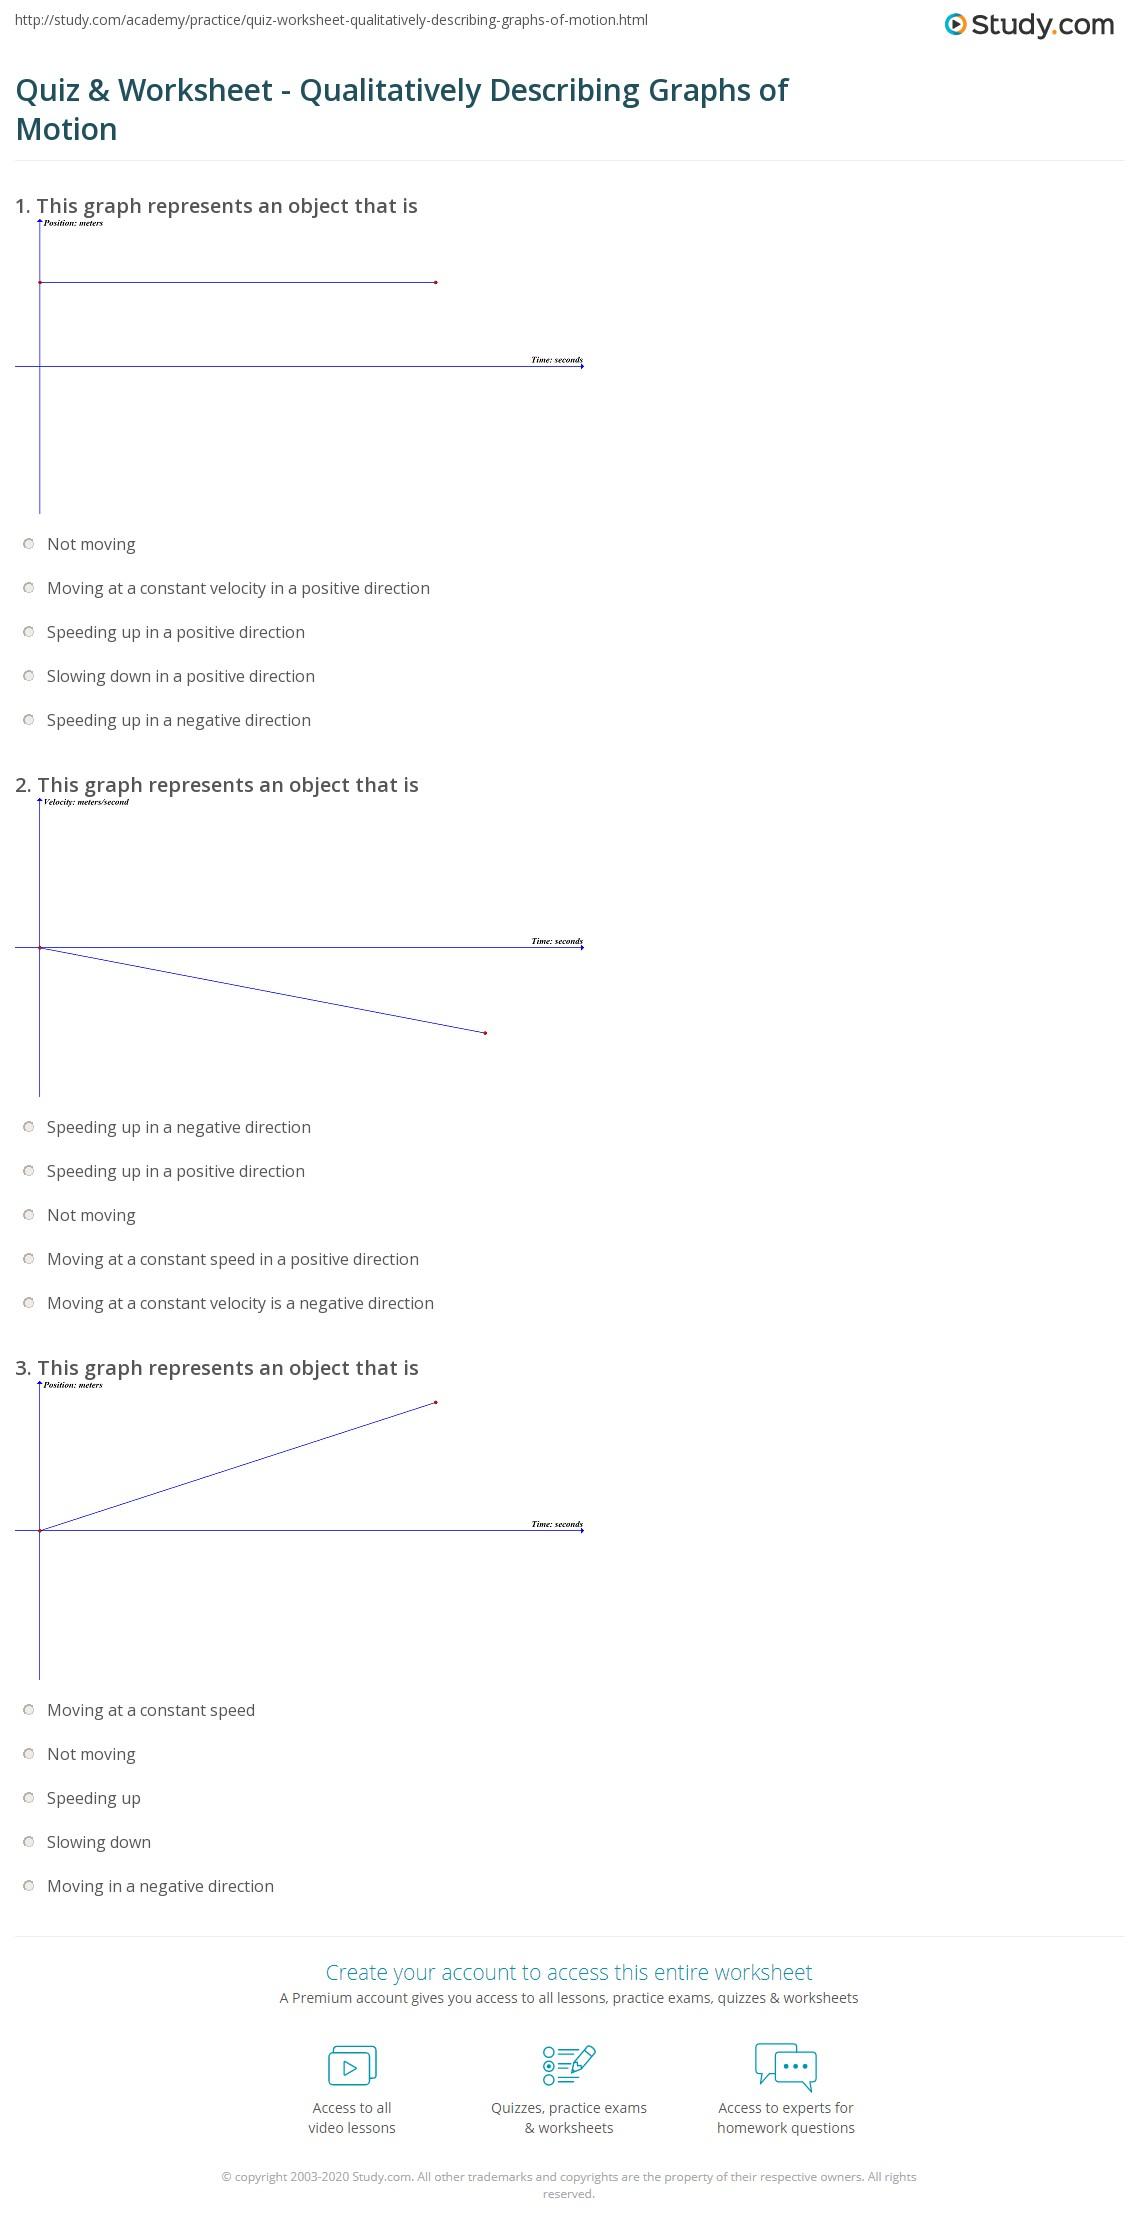 quiz worksheet qualitatively describing graphs of motion. Black Bedroom Furniture Sets. Home Design Ideas